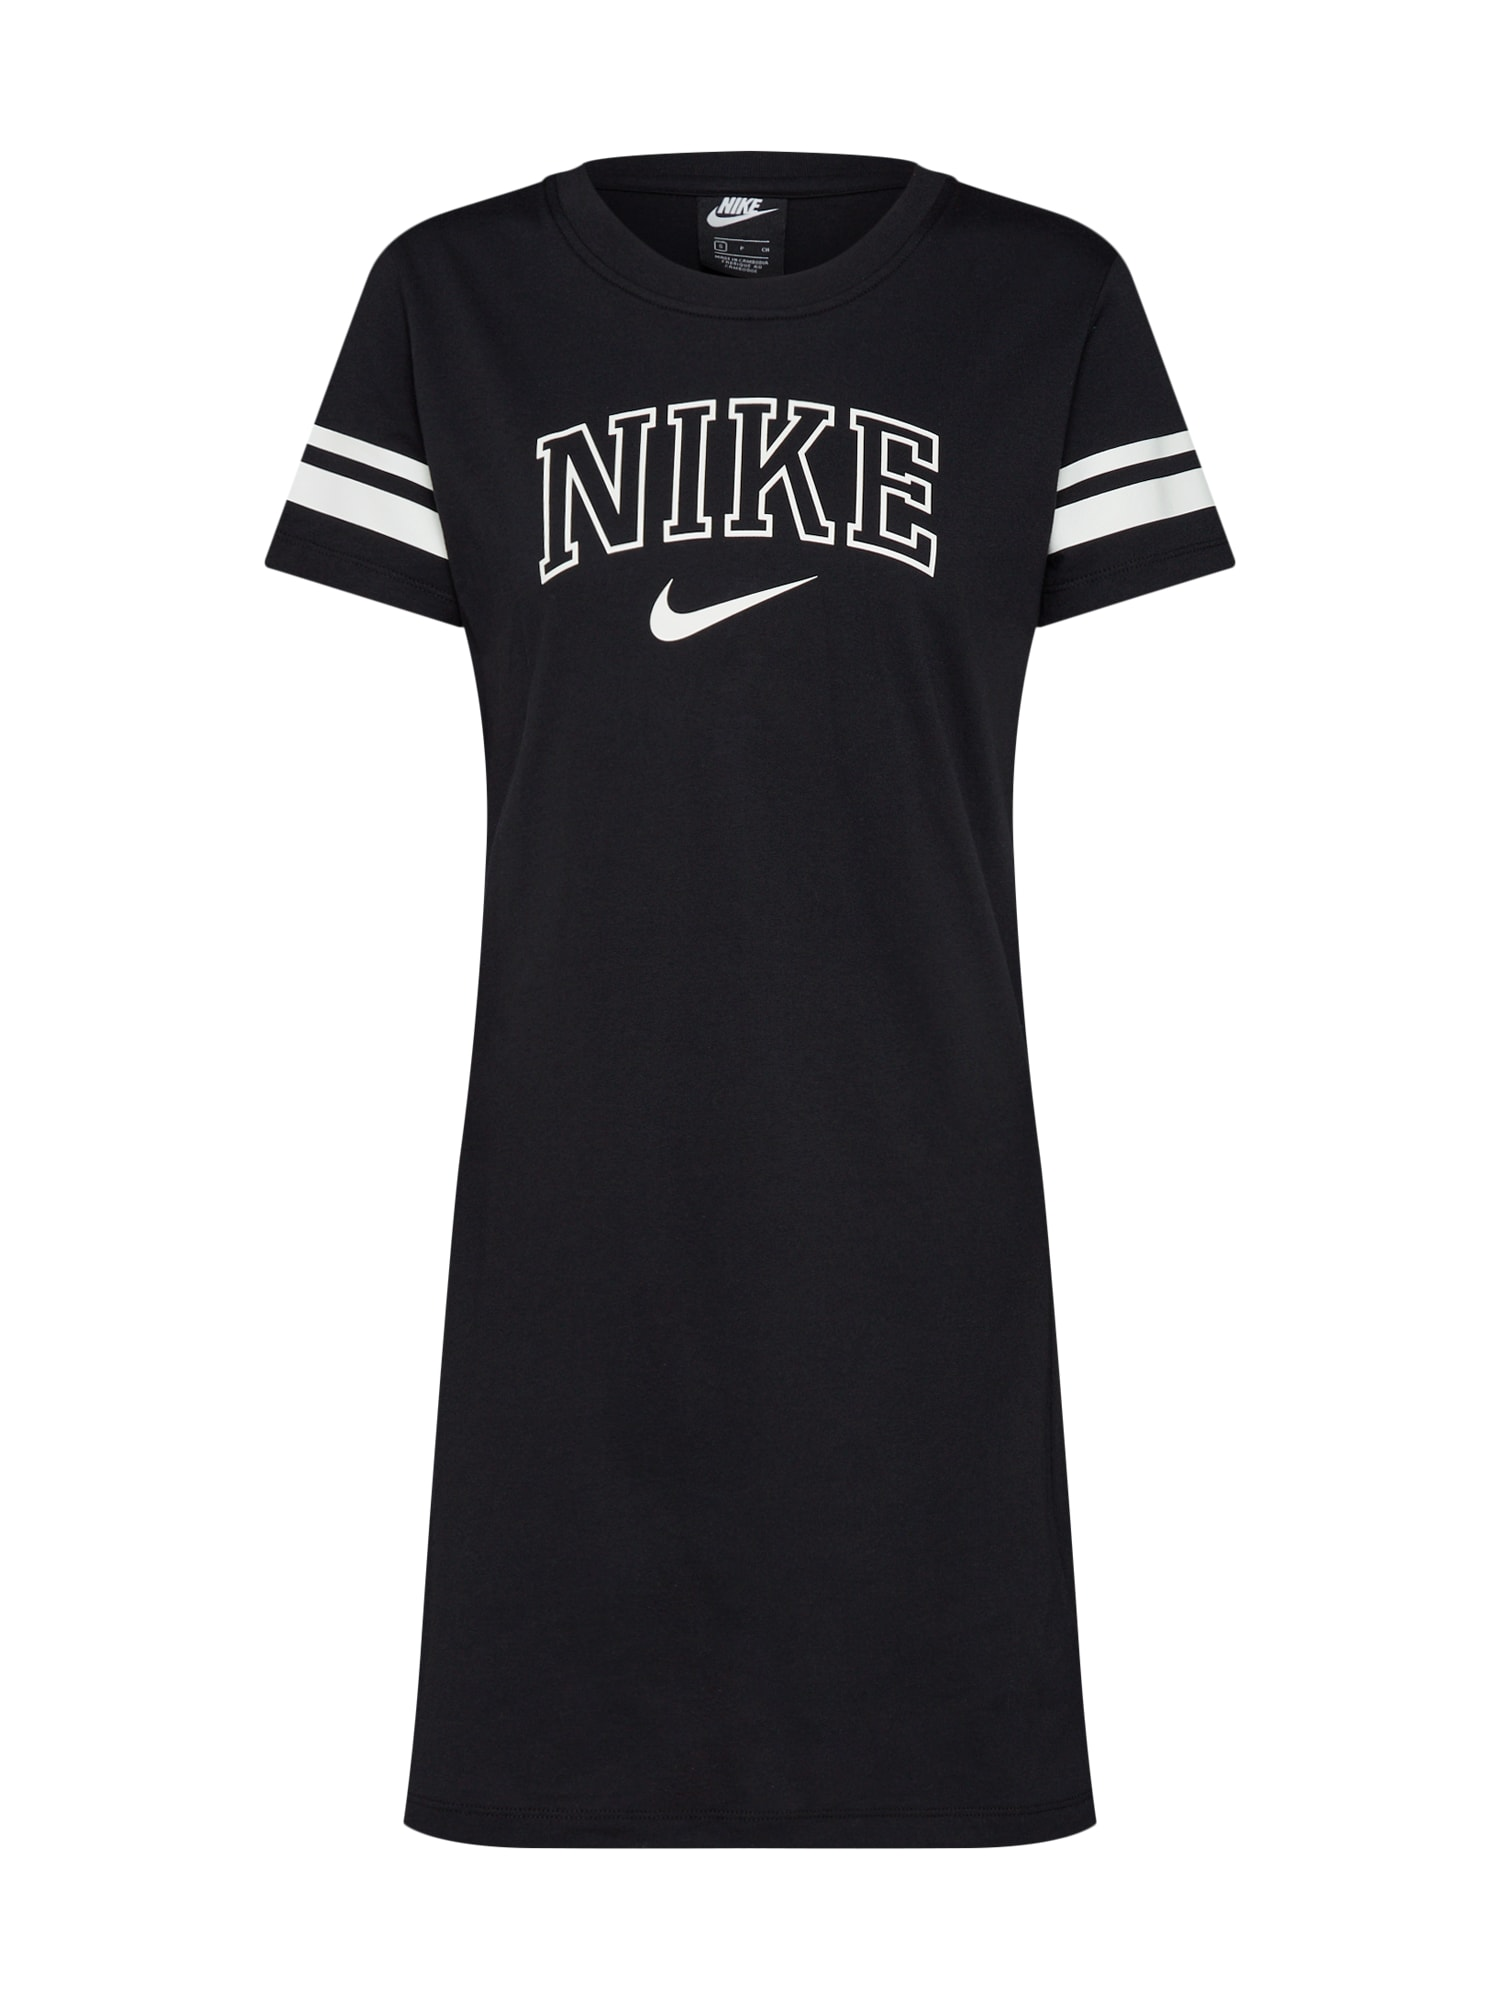 Šaty W NSW DRESS VRSTY černá bílá Nike Sportswear